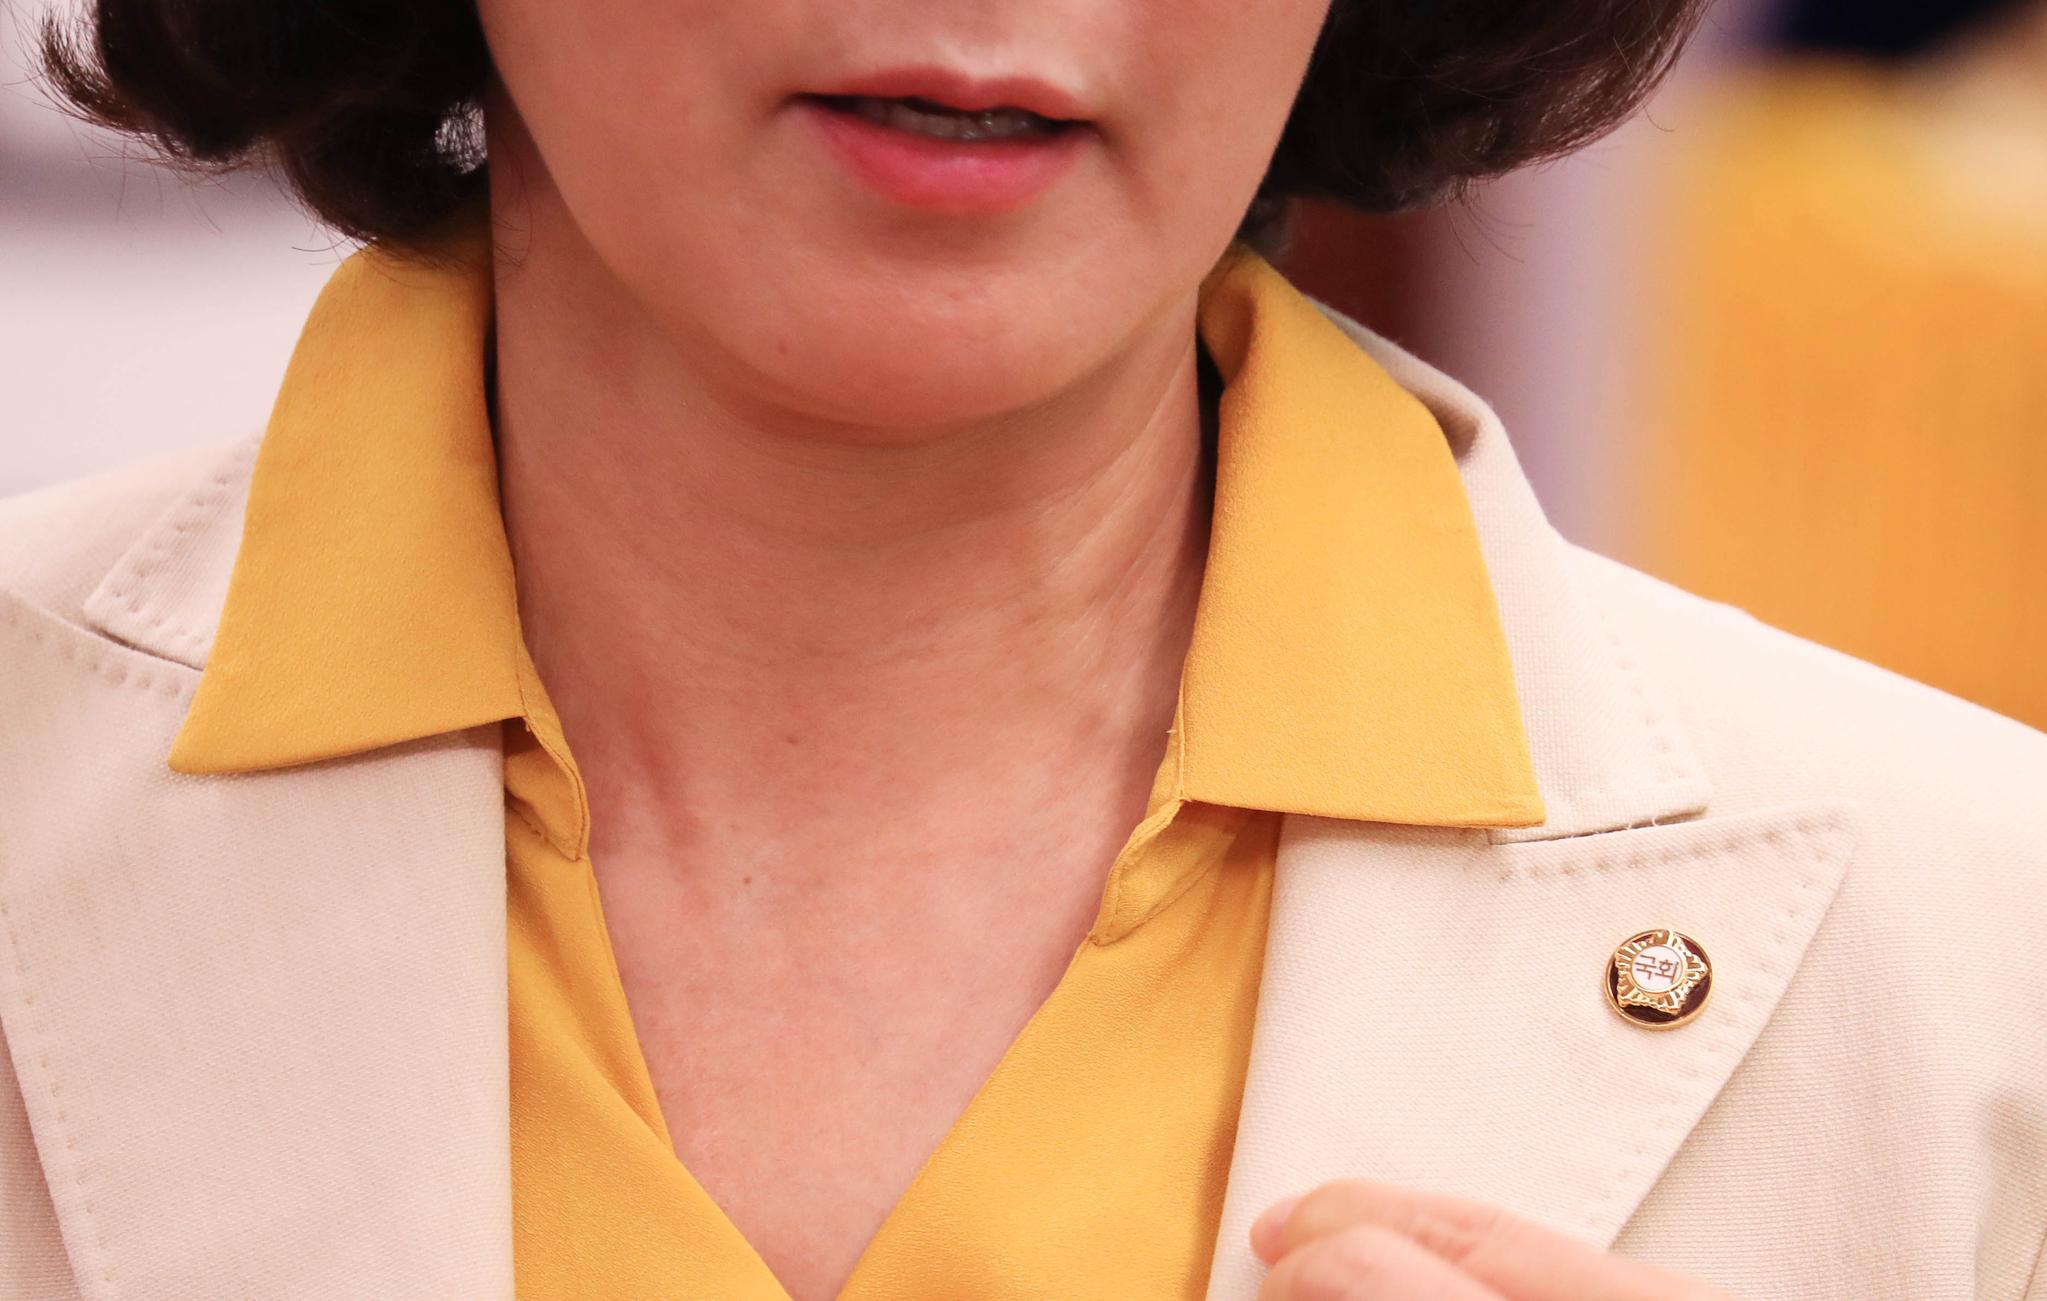 나경원 자유한국당 원내대표가 8일 오전 국회의장실에서 문희상 국회의장이 선물한 '여성용 국회의원 배지'를 달고 있다. 임현동 기자